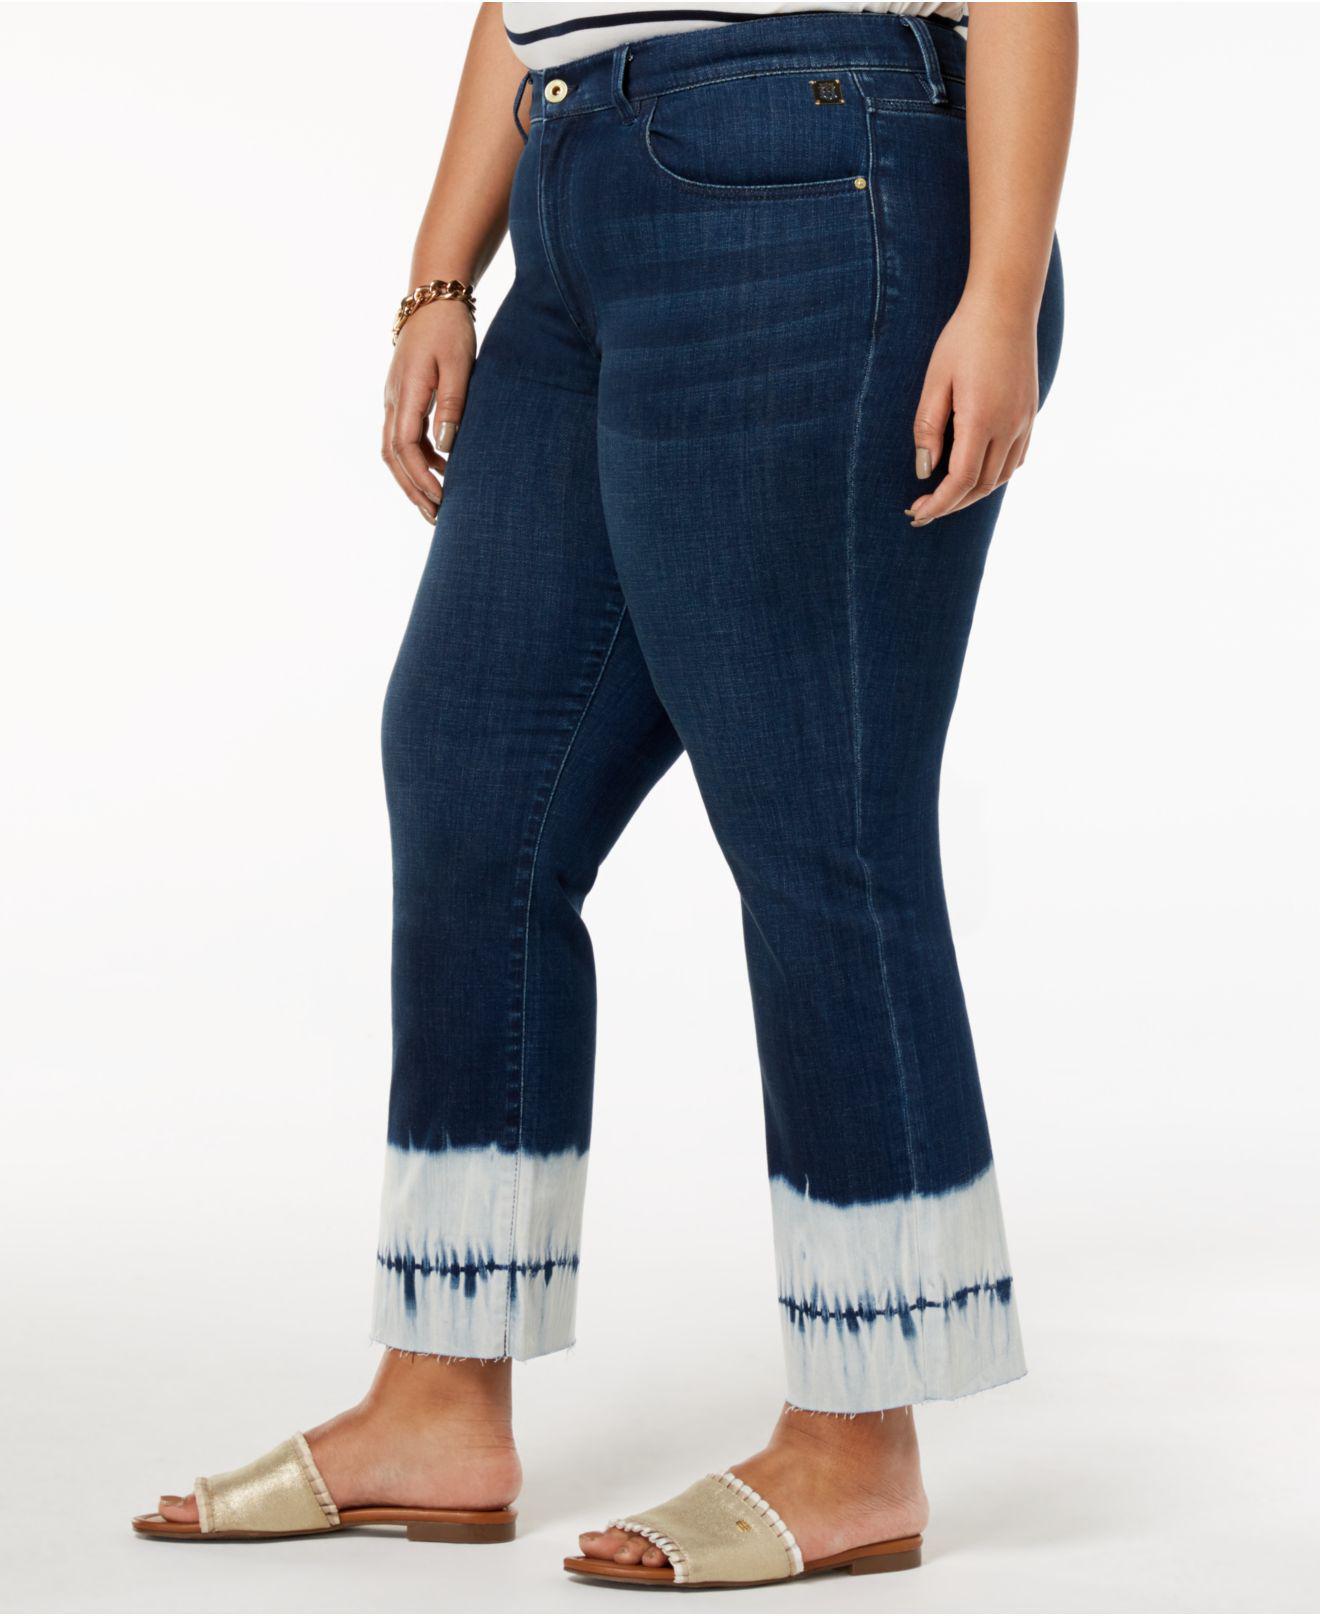 e2430d3d335f7 Lyst - Tommy Hilfiger Plus Size Tie-dyed-hem Ankle Jeans